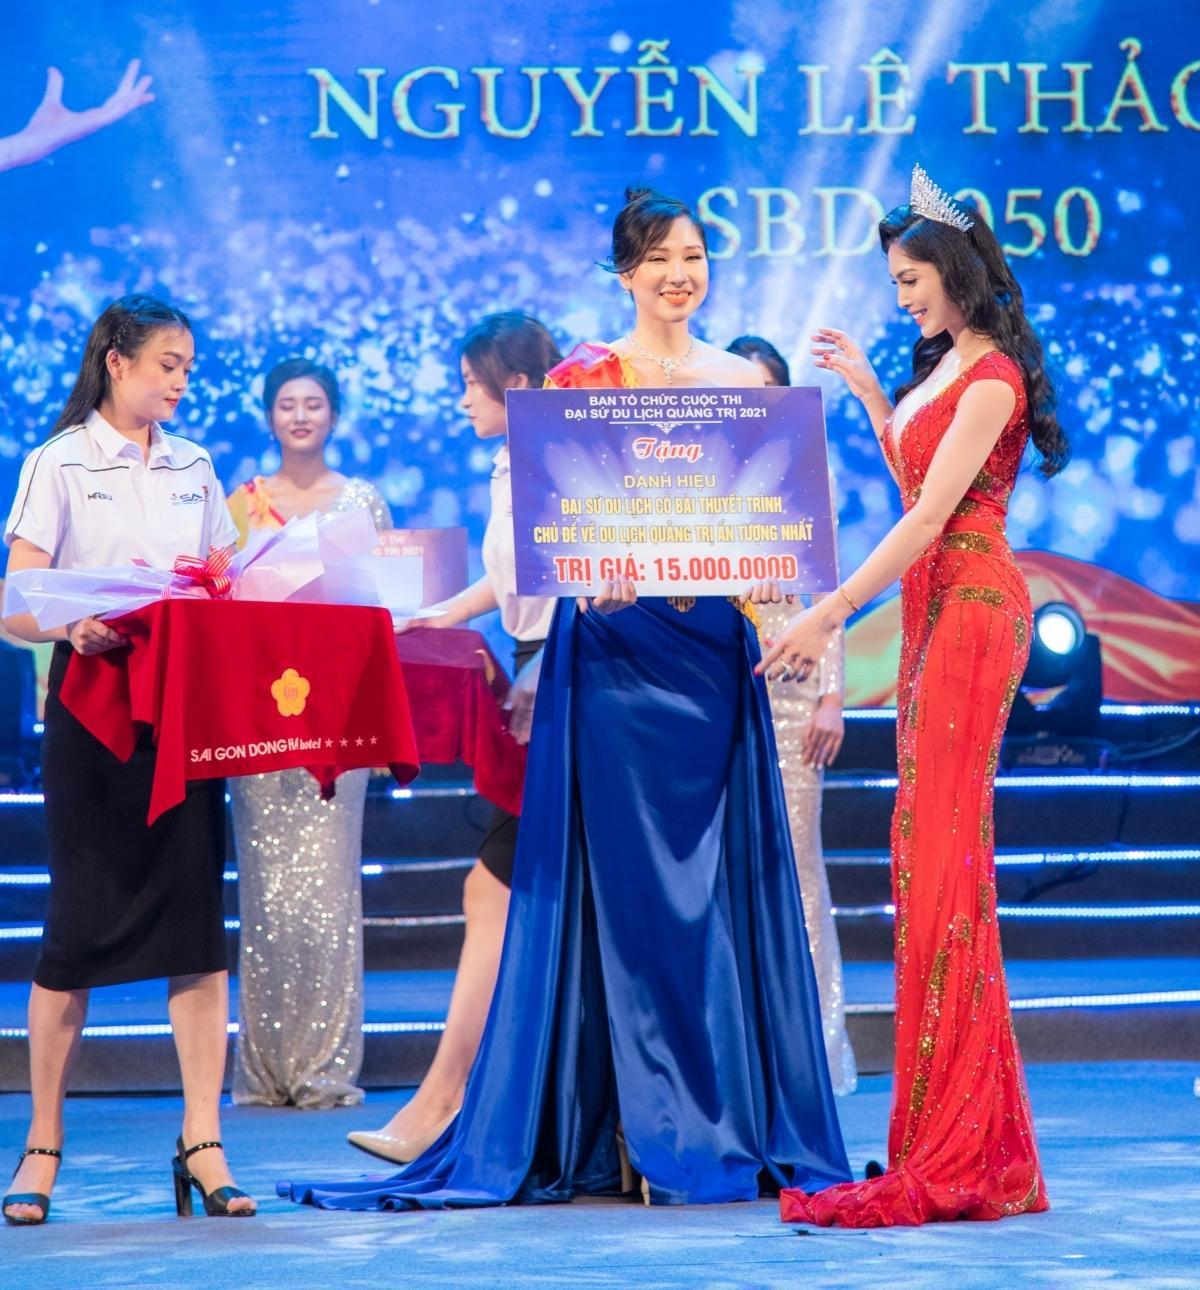 Kim Huyền Sâm xinh đẹp tại chung kết Đại sứ du lịch Quảng Trị 2021 Ảnh 4